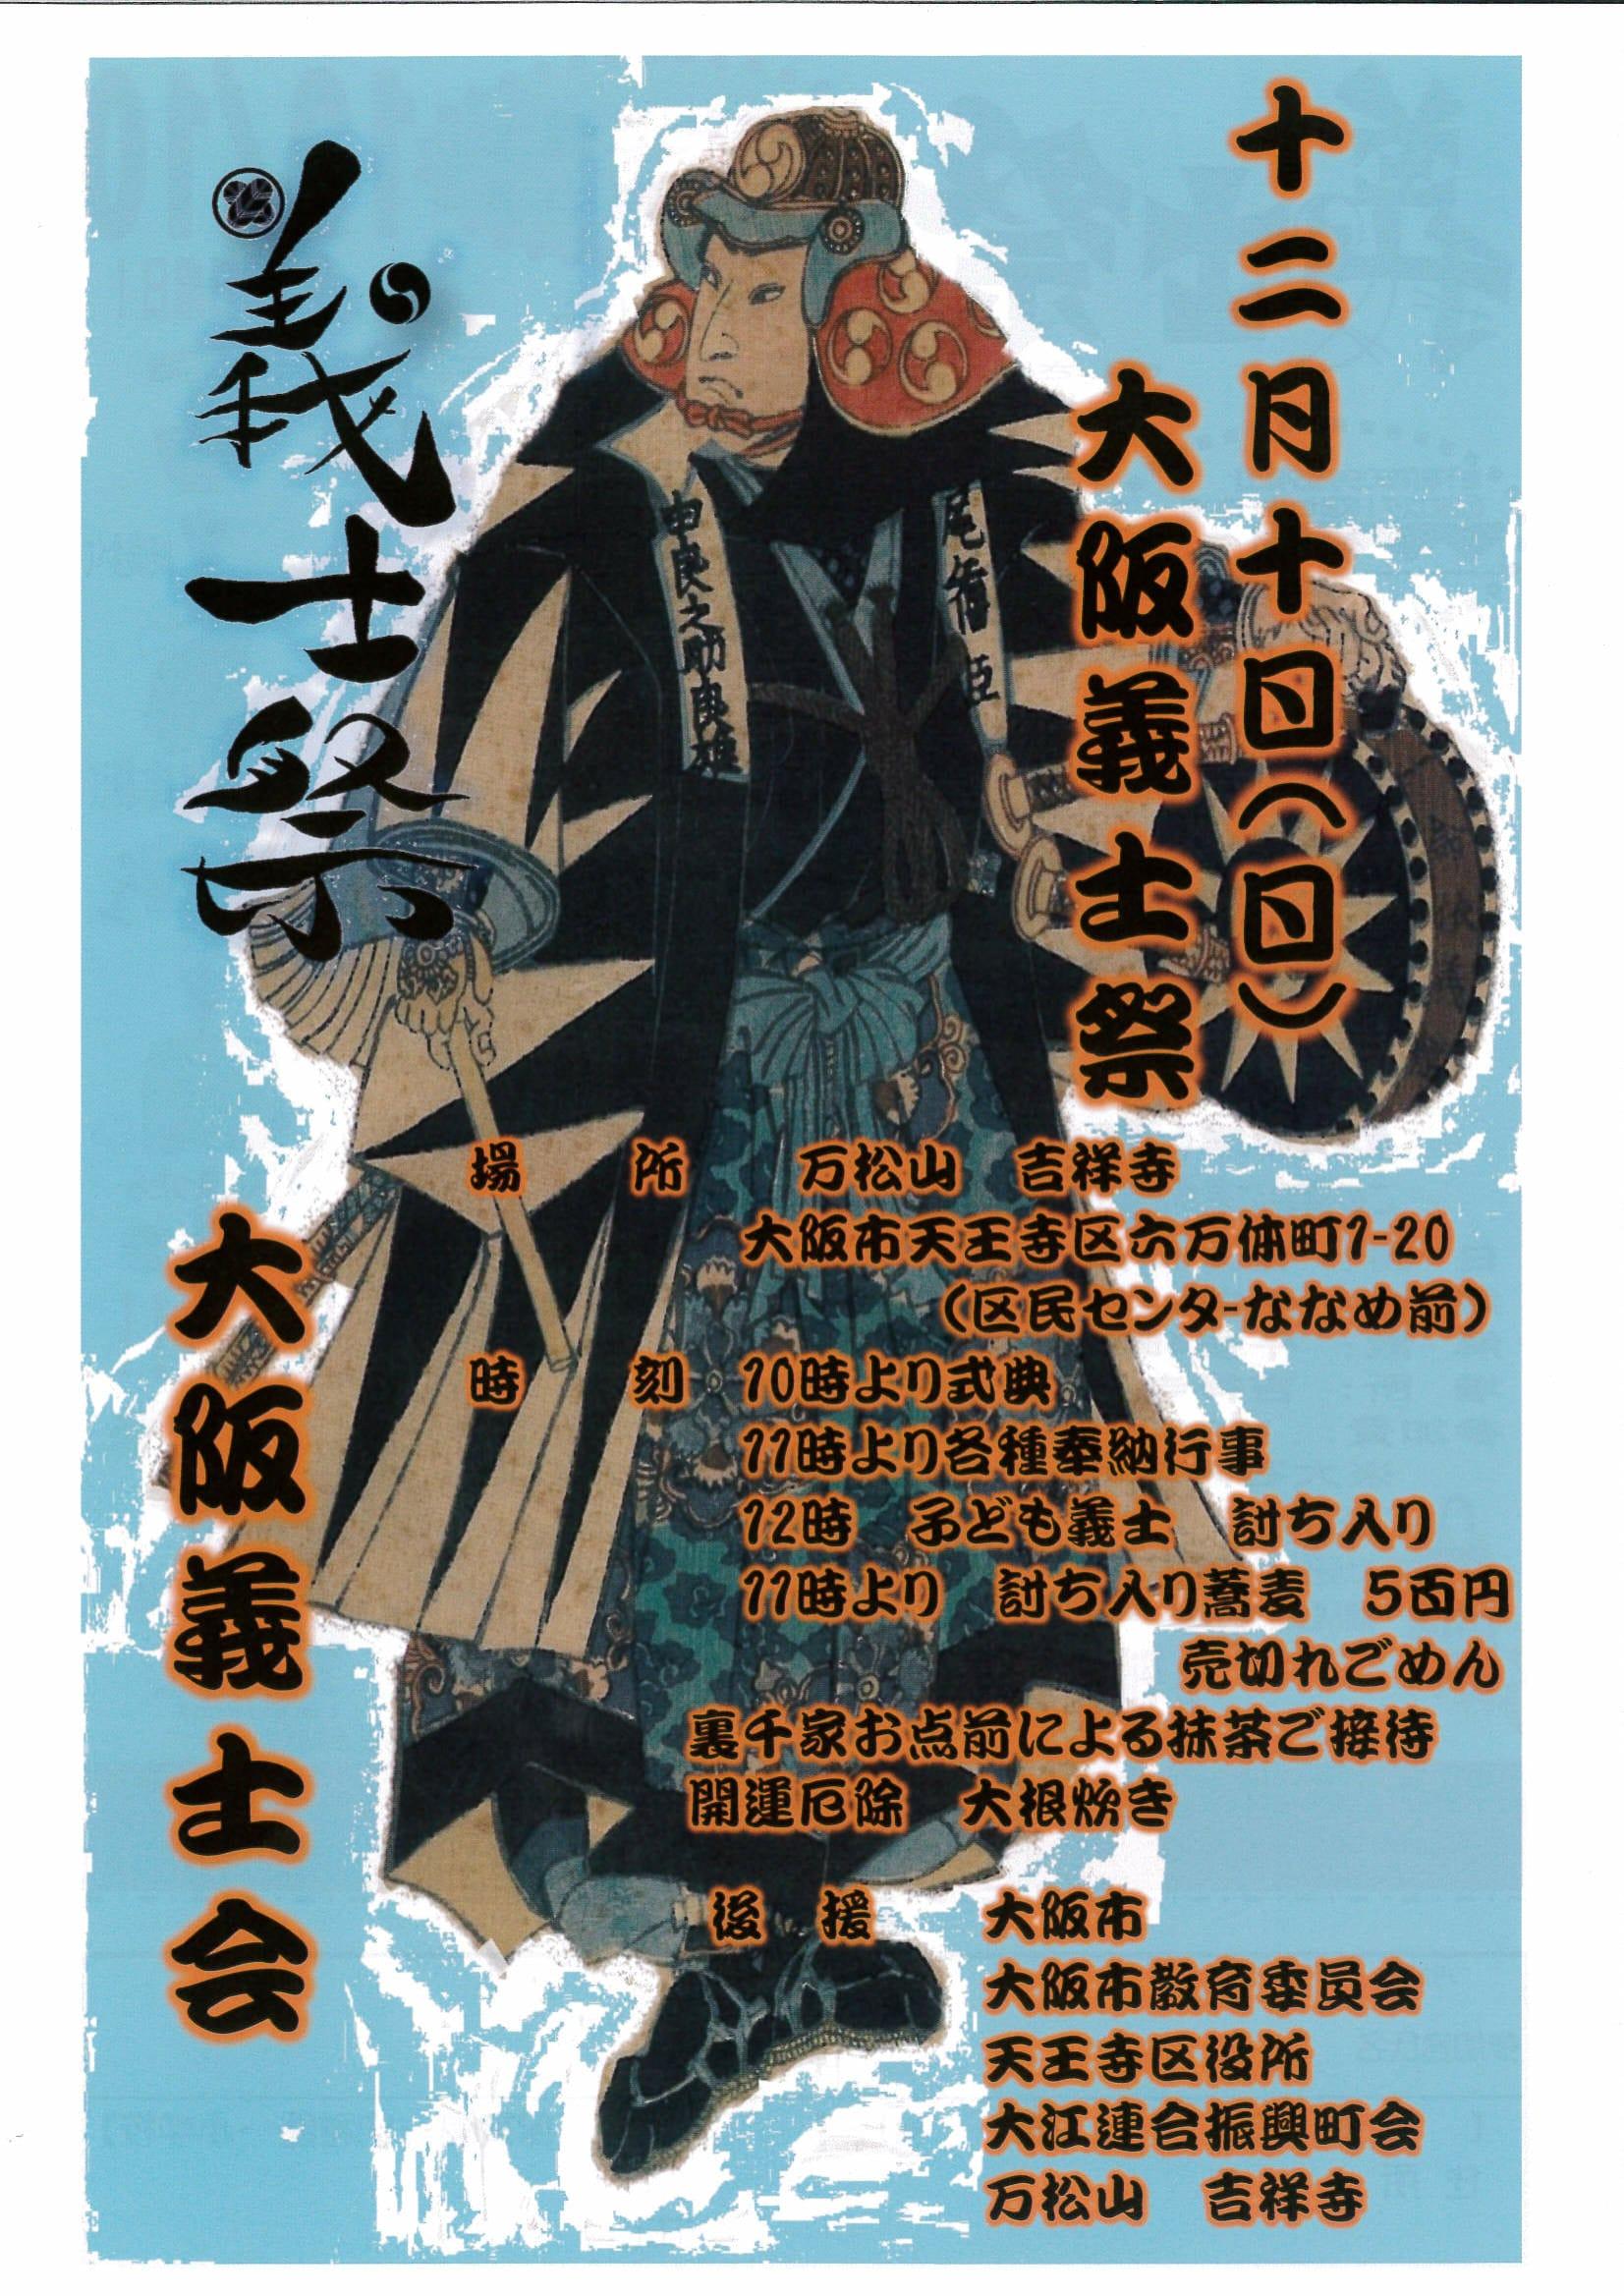 義士祭チラシ(オモテ)-1 2